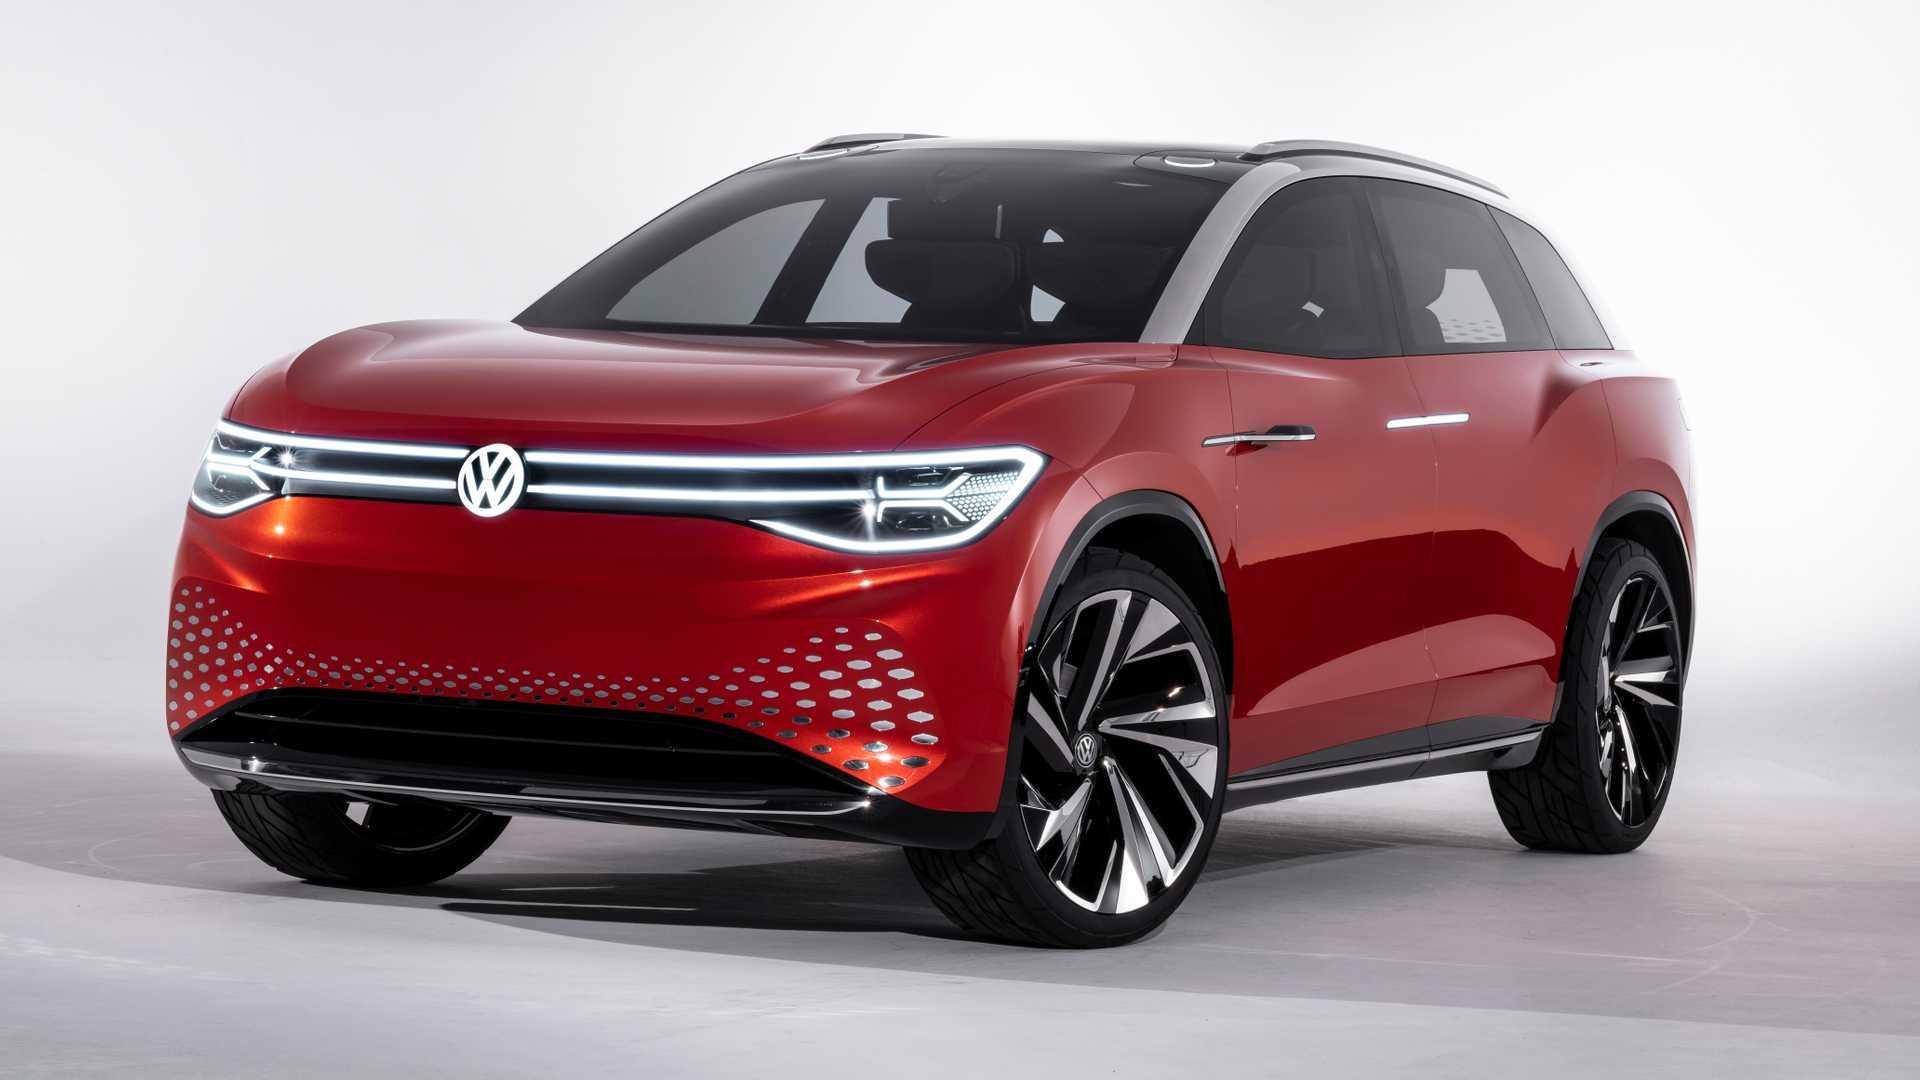 2021 Volkswagen I D Roomzz 2